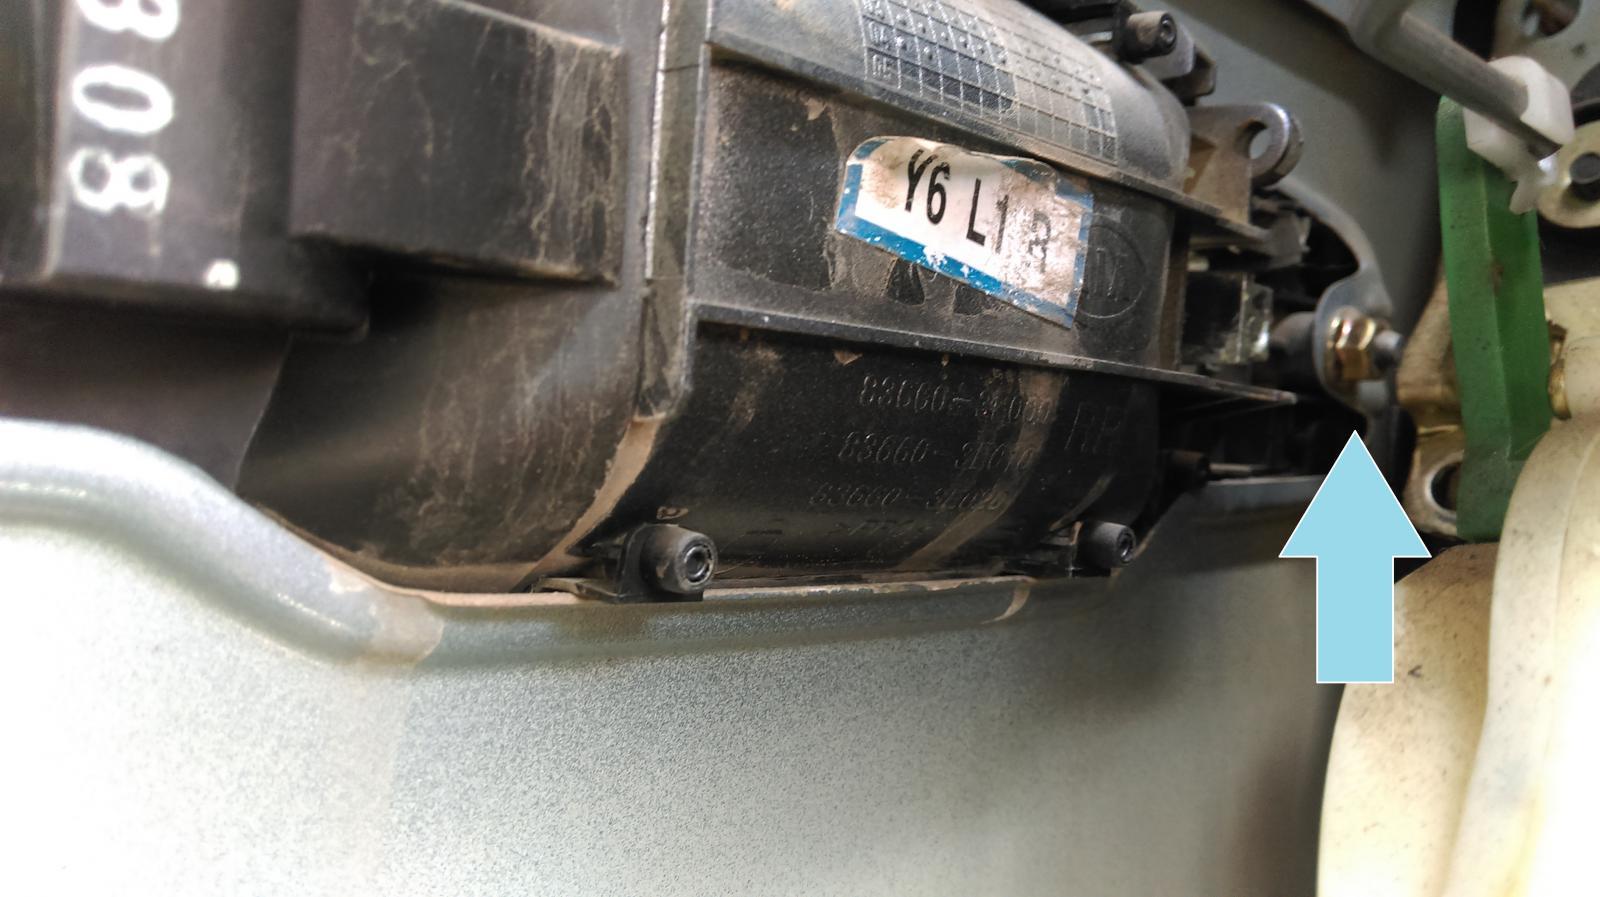 Rear door handle broken - Kia Forum